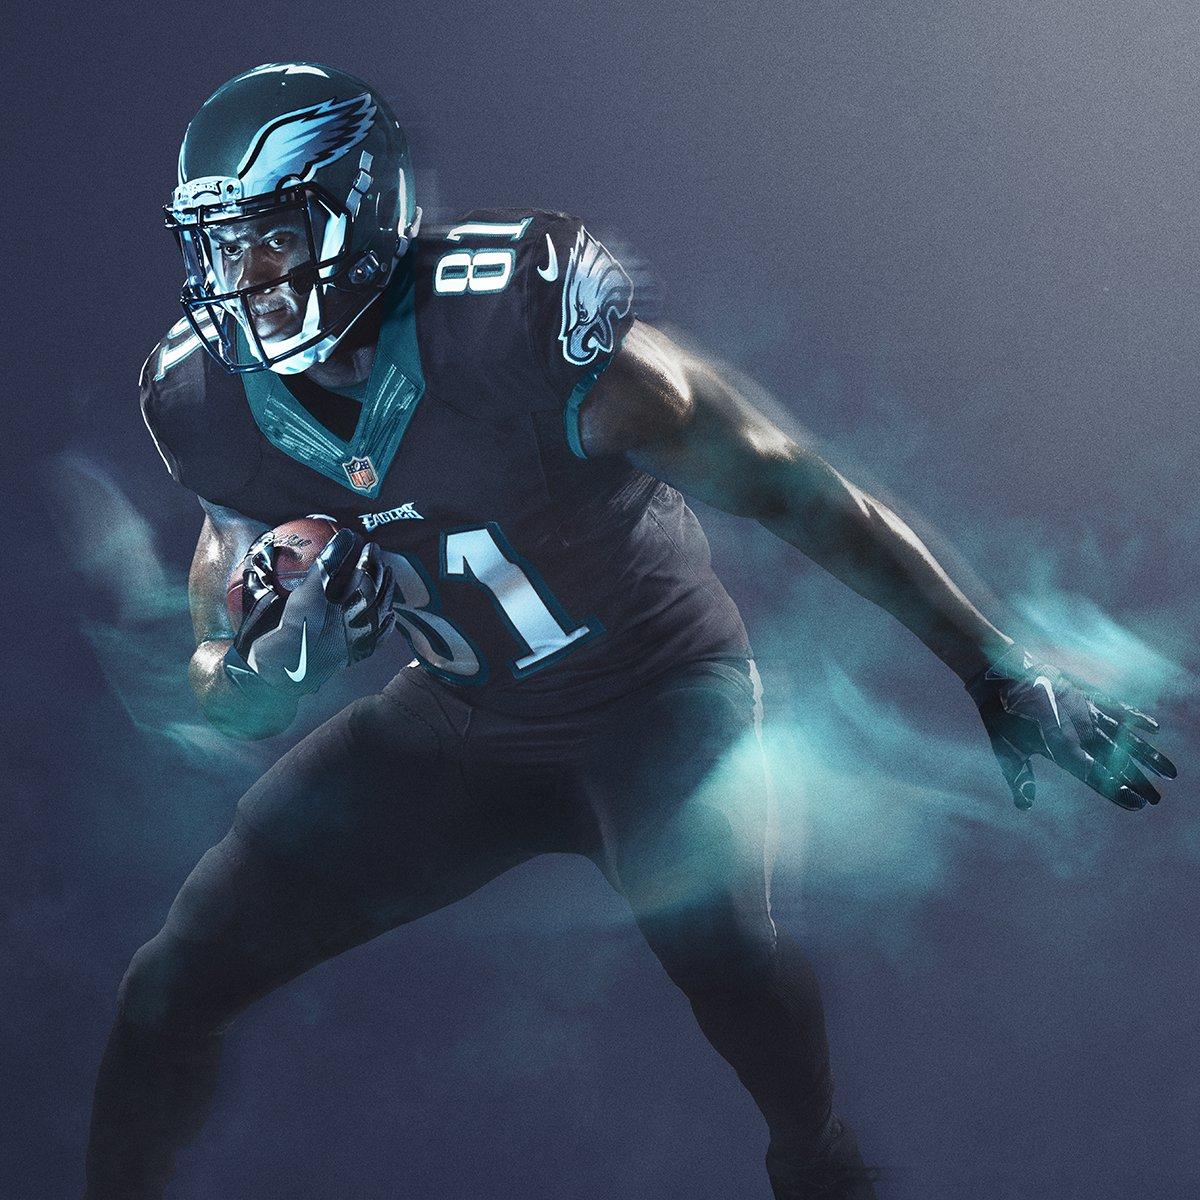 newest 9a155 6048c Philadelphia Eagles on Twitter: